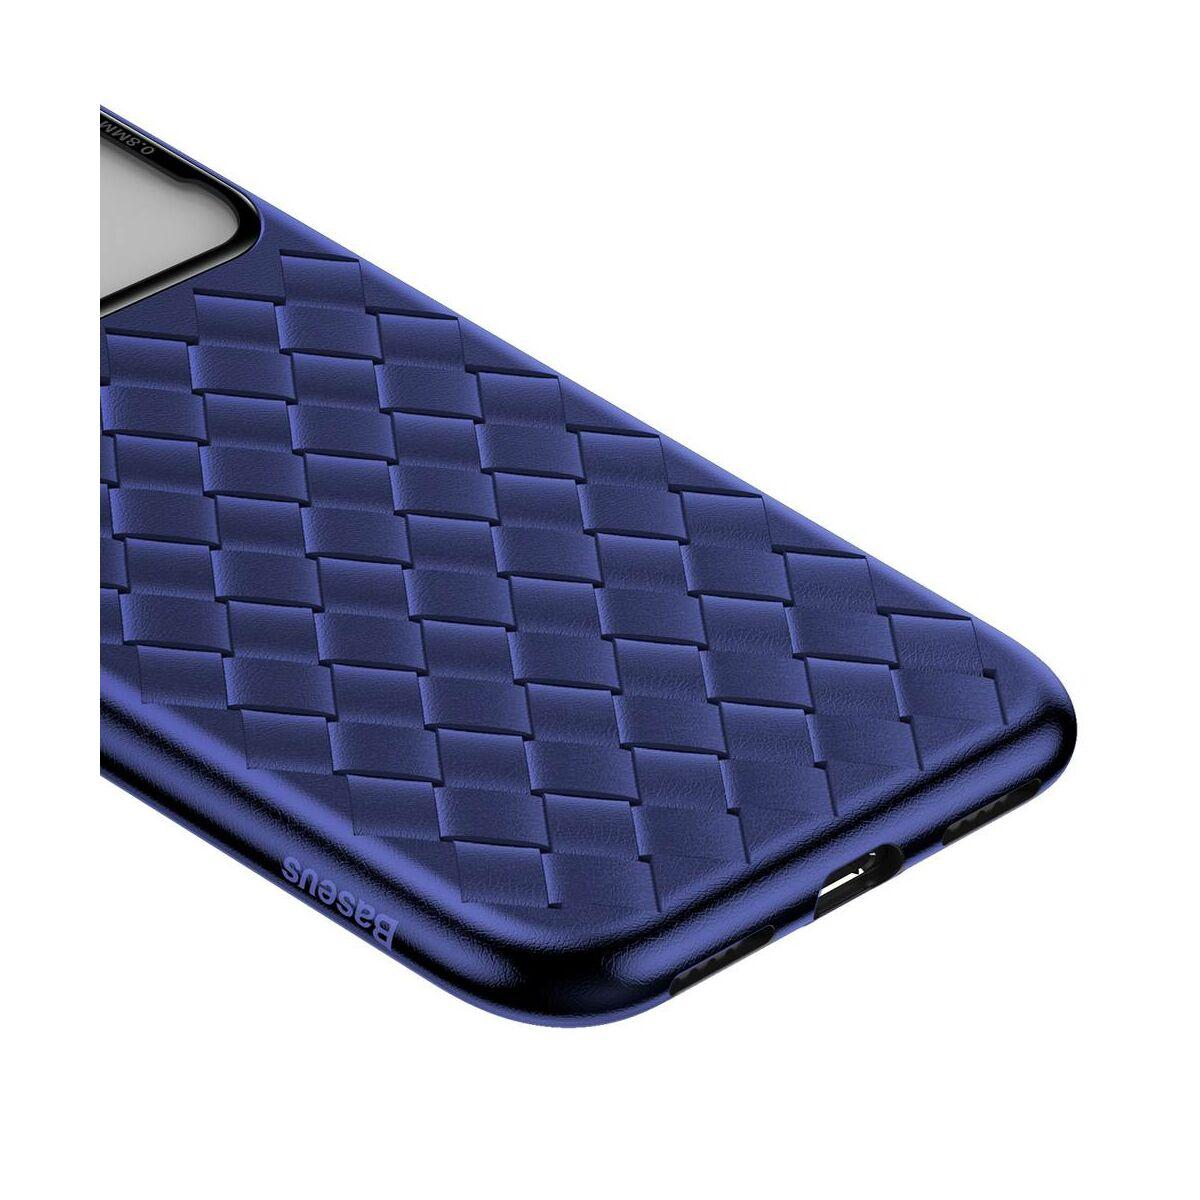 Baseus iPhone XS Max üveg & tok, BV Weaving, kék (WIAPIPH65-BL03)